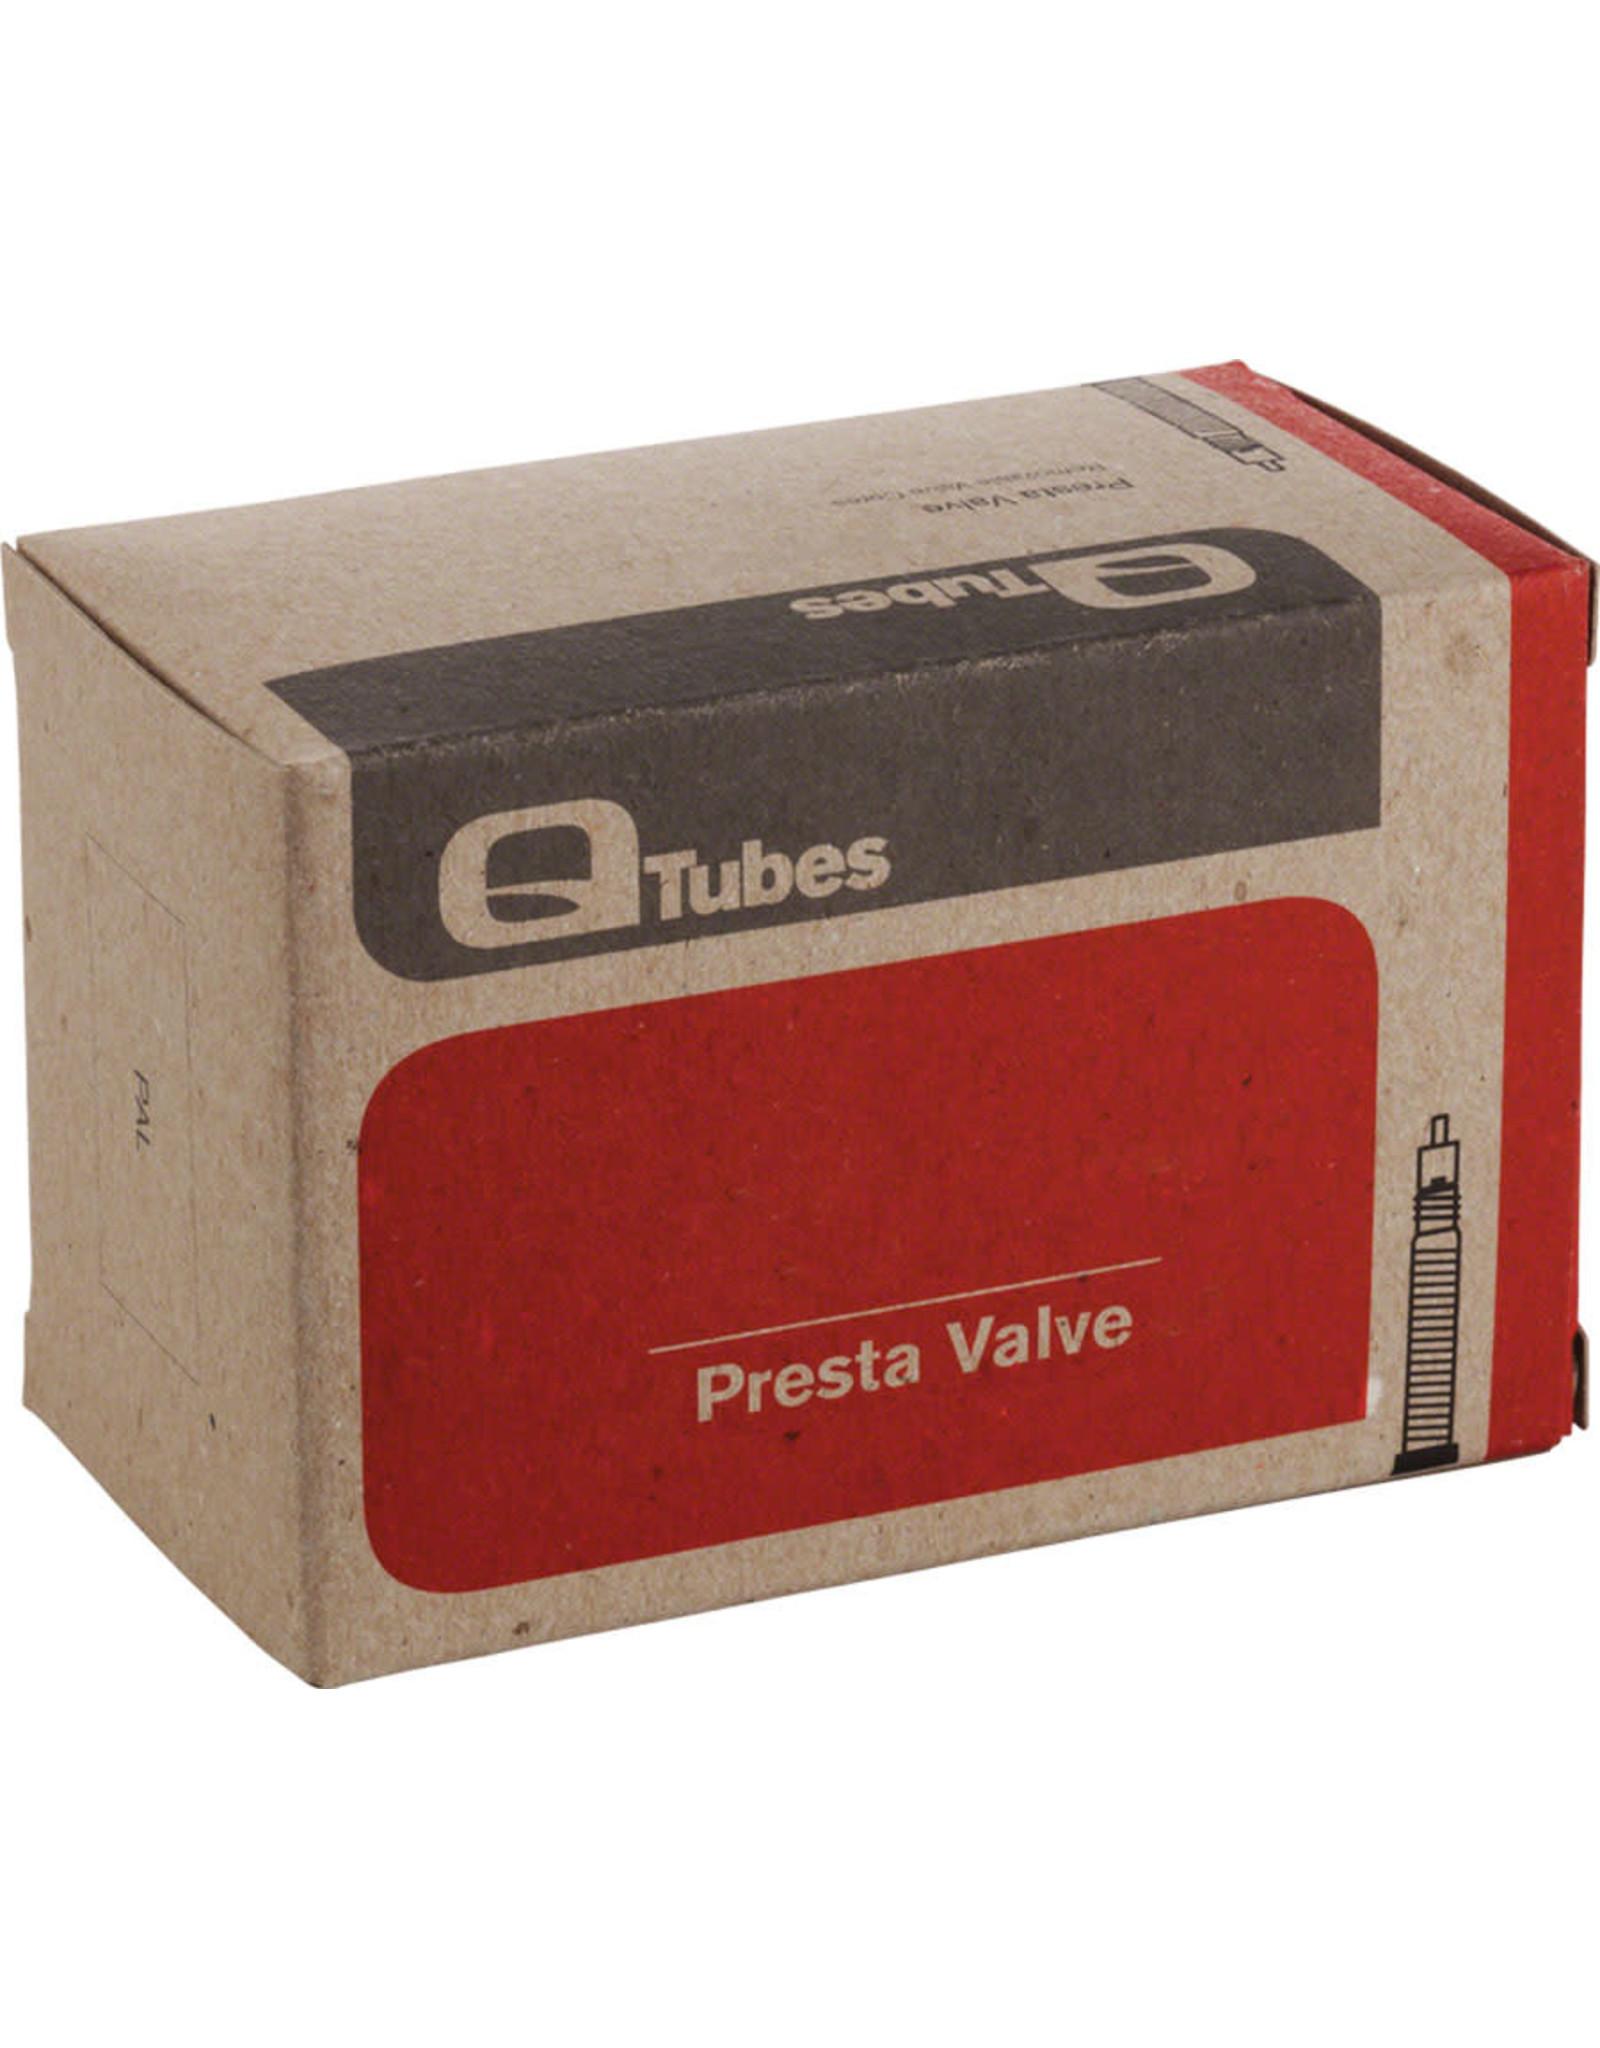 Q-Tubes Q-Tubes 24 x 2.4-2.75 32mm Presta Valve Tube